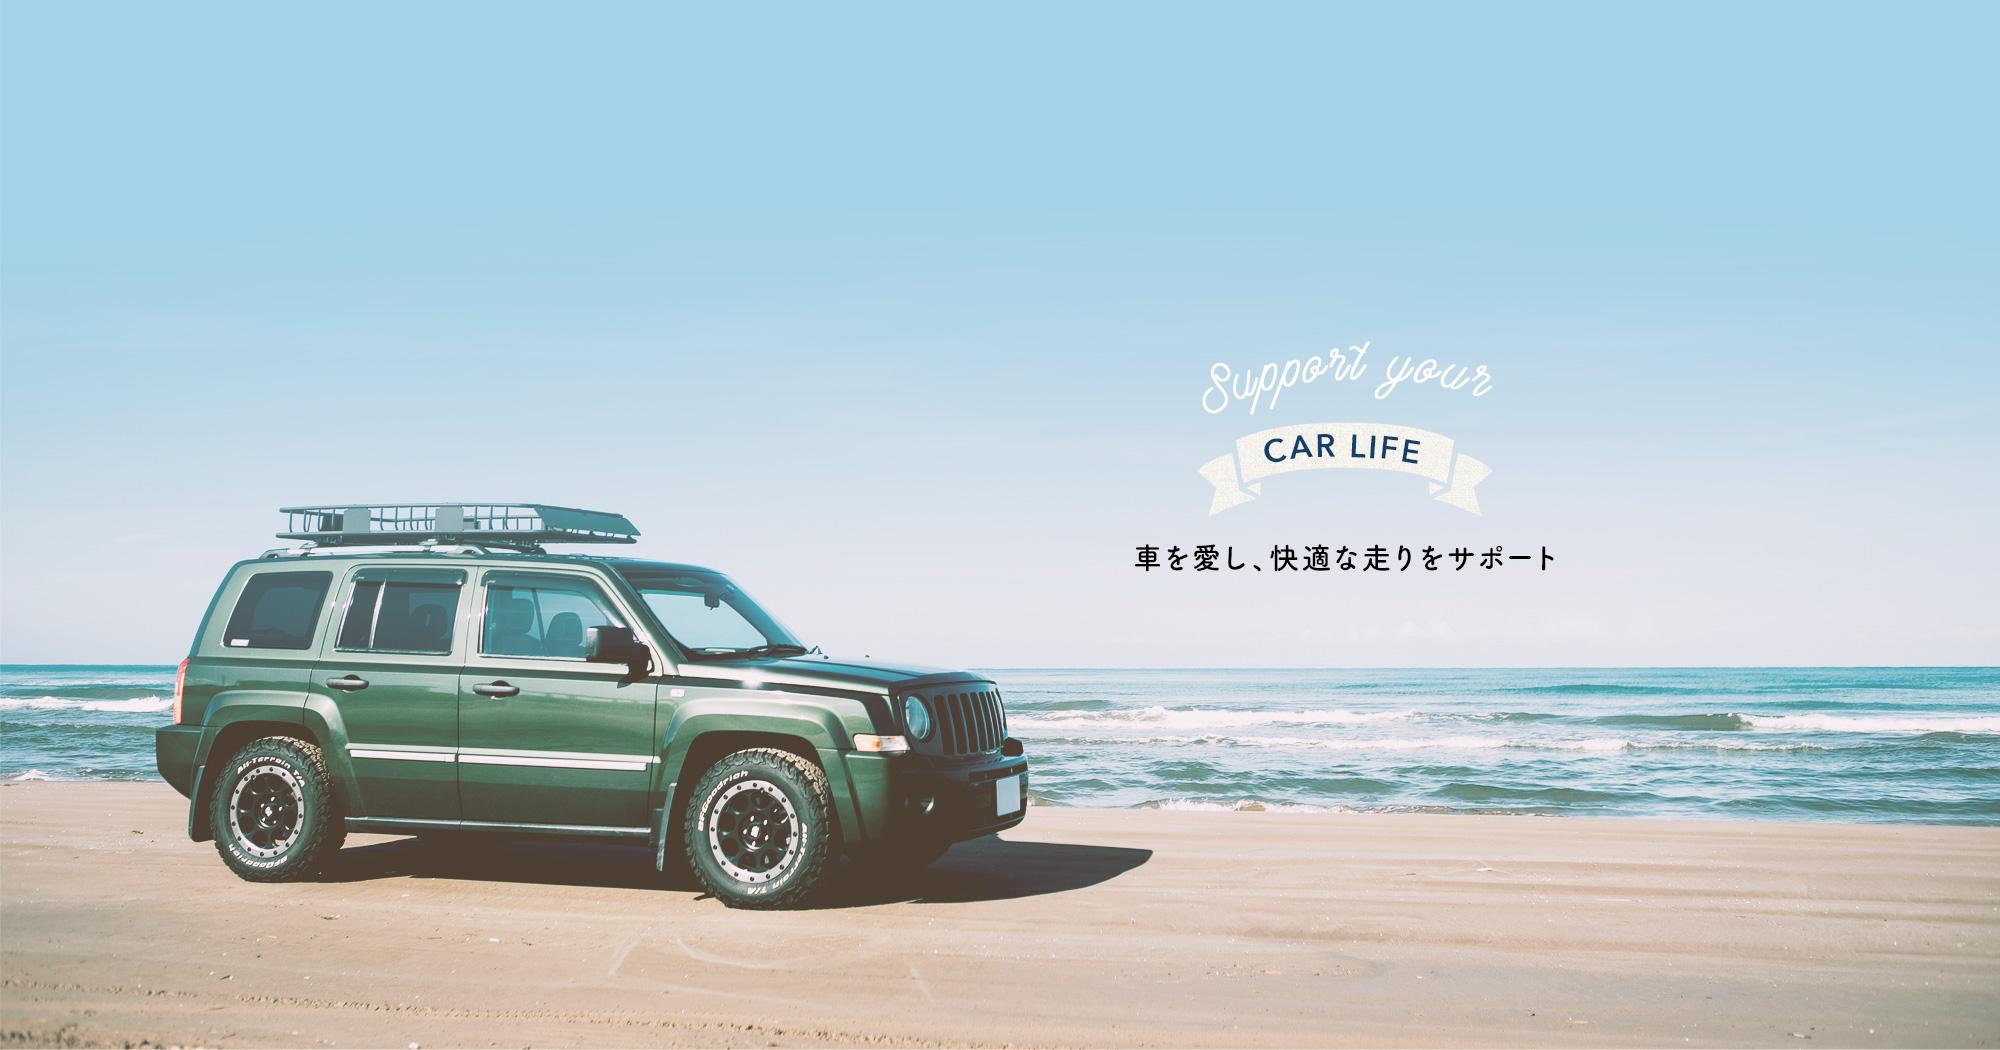 車を愛し、快適な走りをサポート